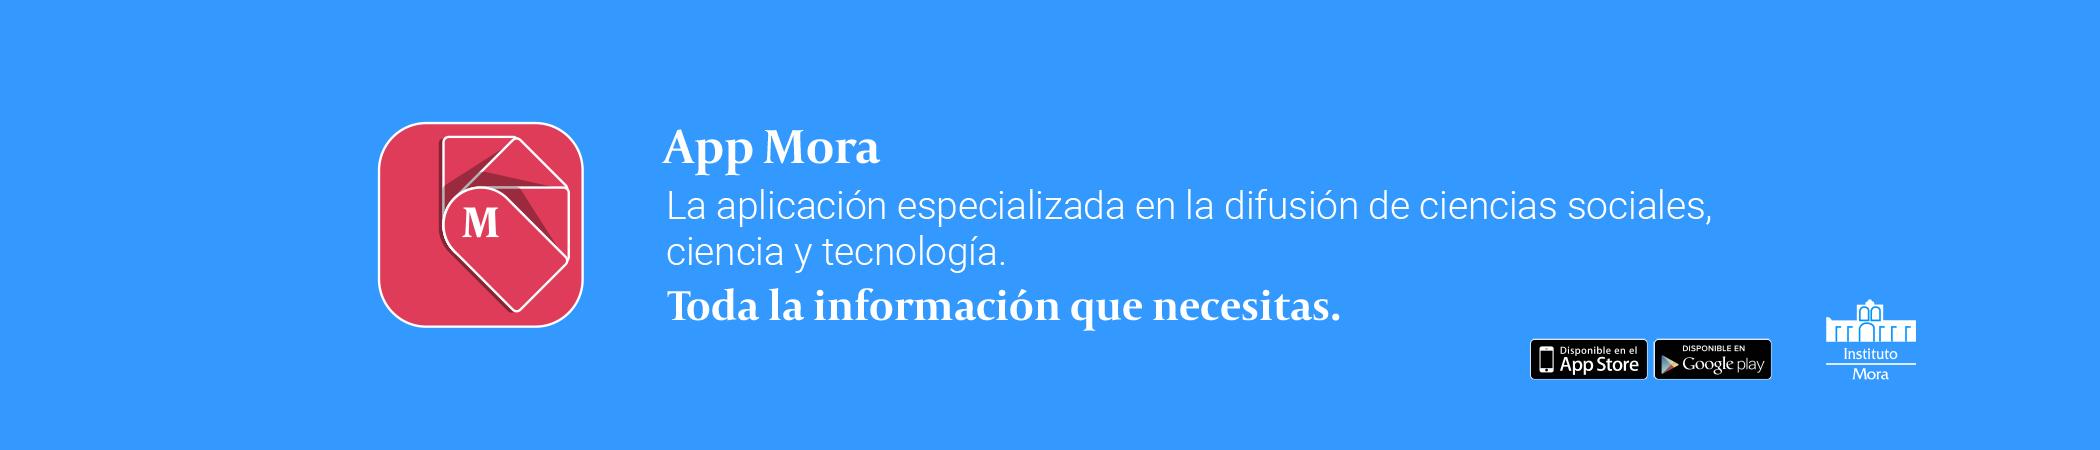 App Mora